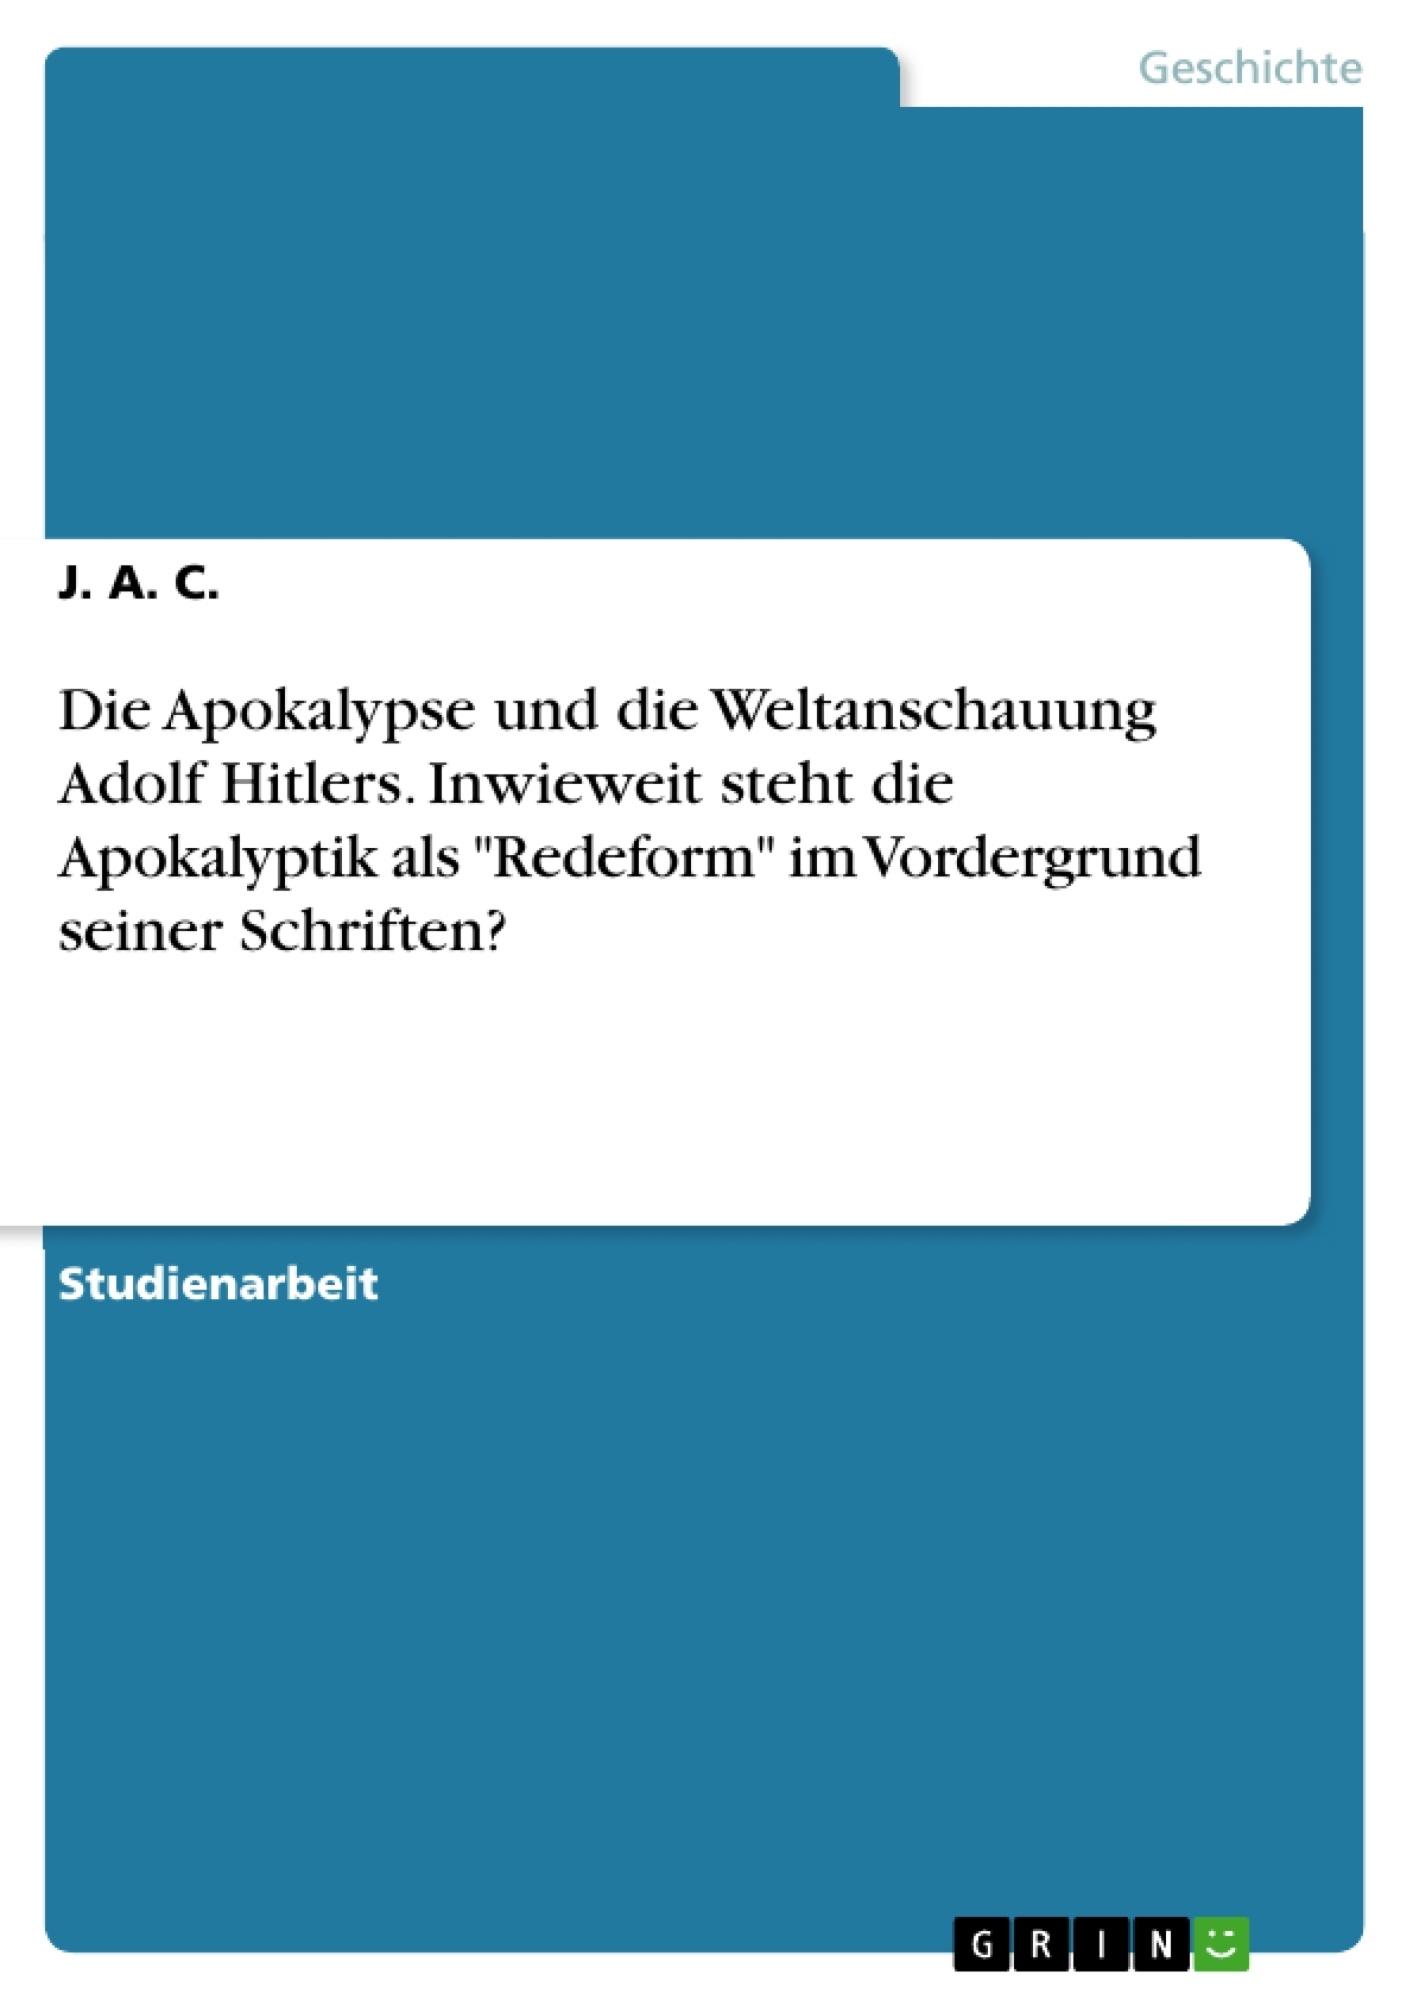 """Titel: Die Apokalypse und die Weltanschauung Adolf Hitlers. Inwieweit steht die Apokalyptik als """"Redeform"""" im Vordergrund seiner Schriften?"""